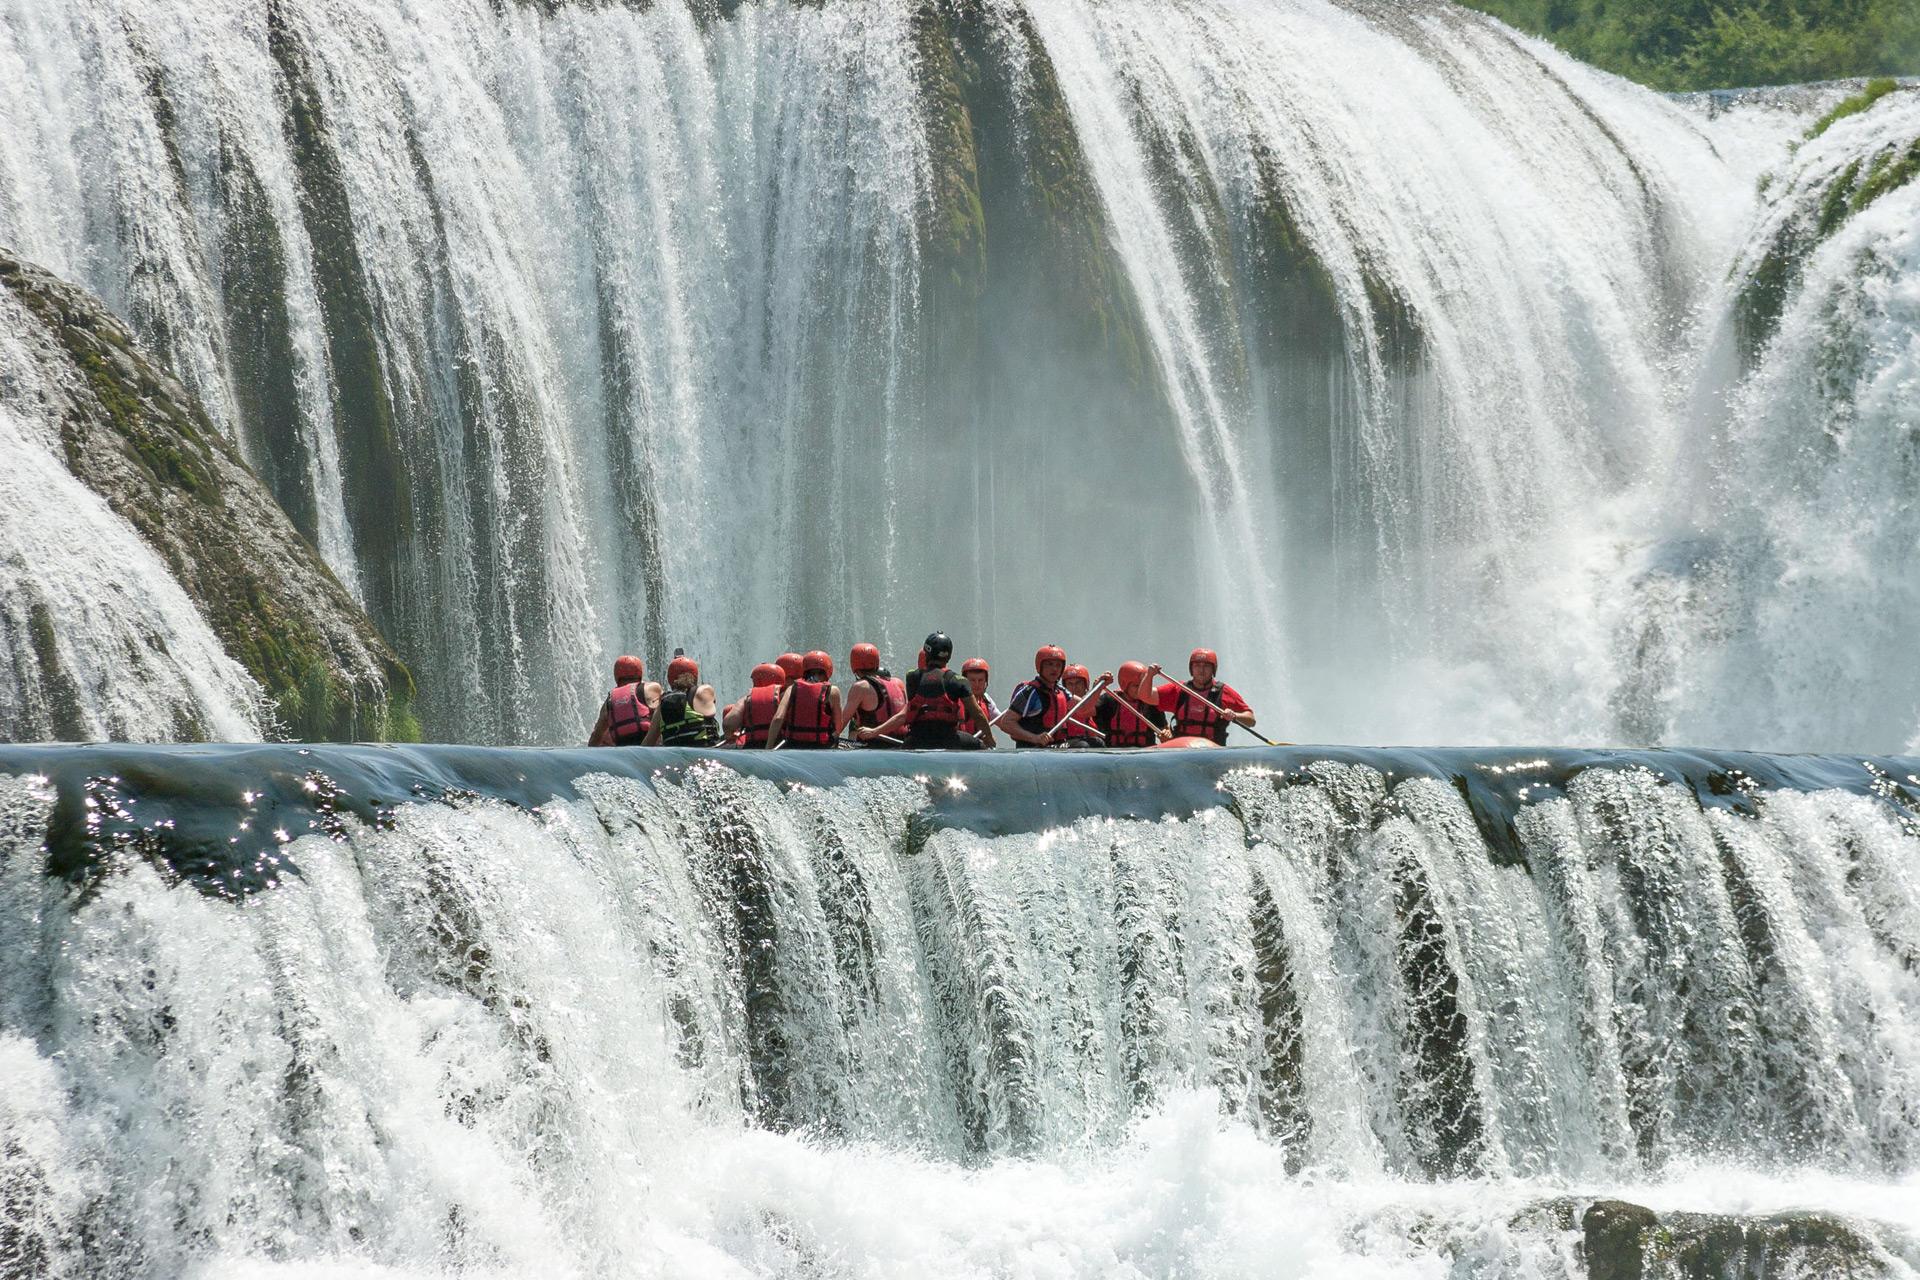 «Это потрясающе», «идеально», «самые красивые водопады, которые я когда-либо видел»